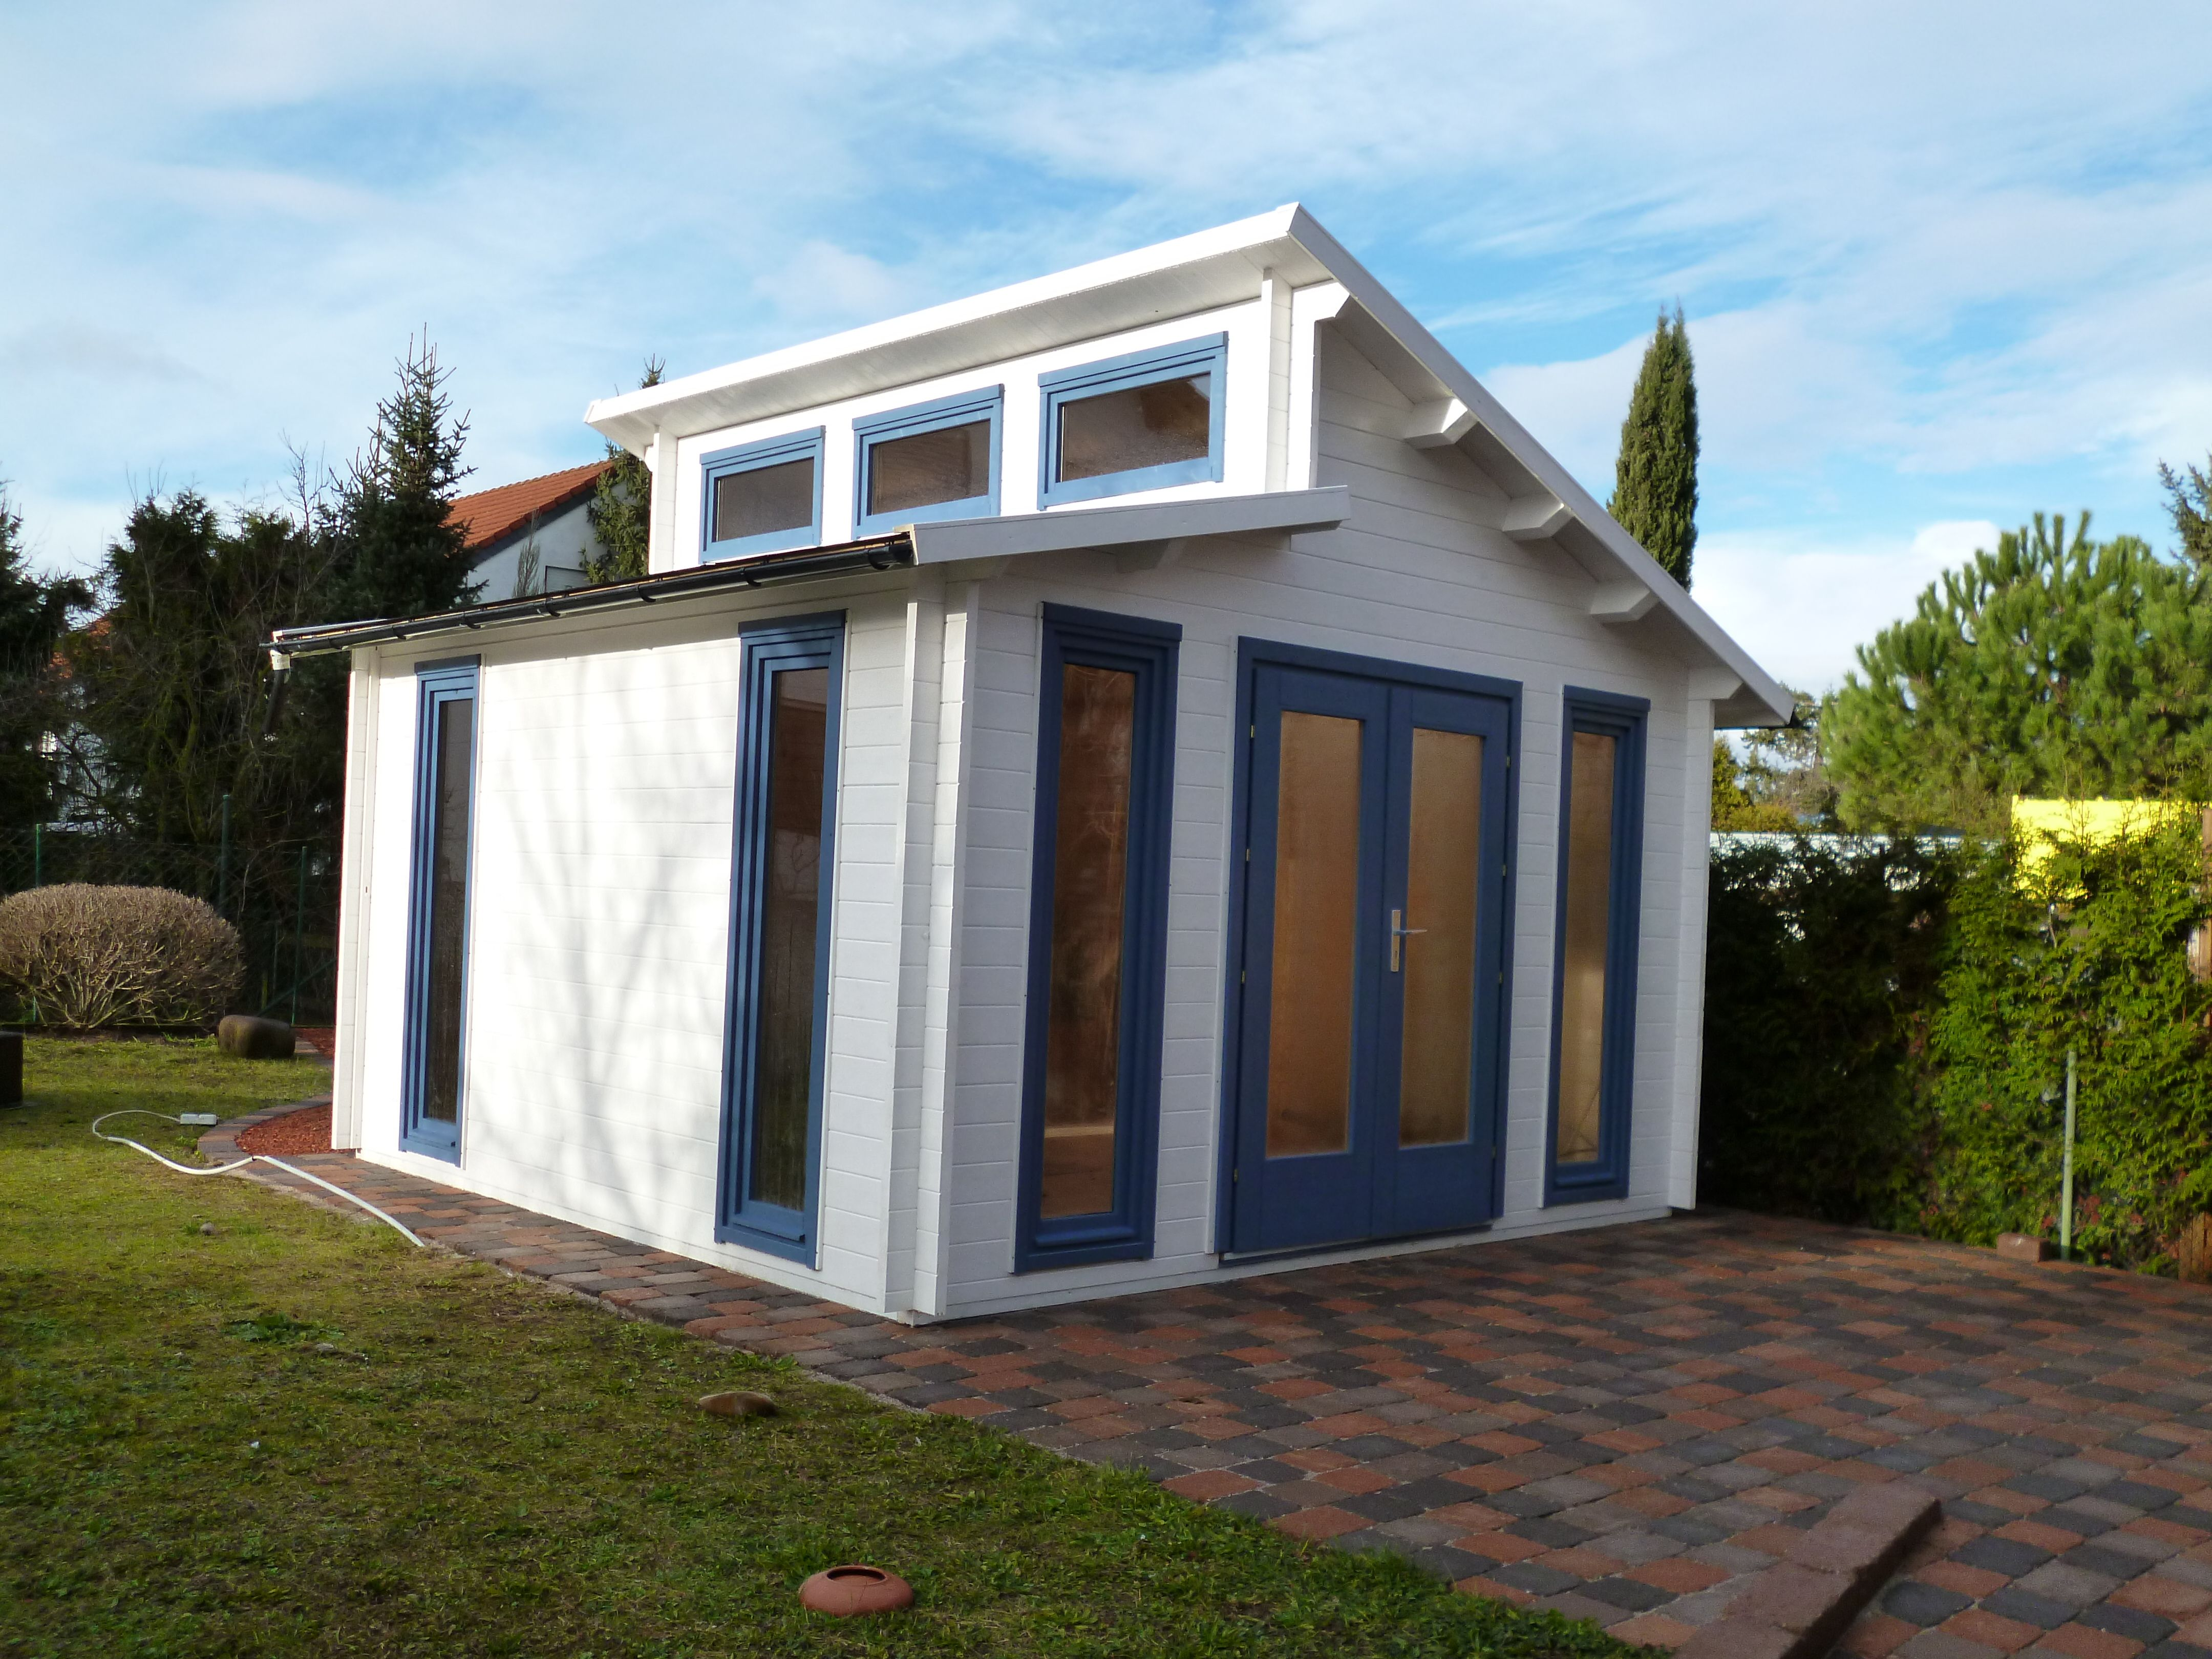 Pultdach Gartenhaus in Weiß und Taubenblau. Gartenhaus